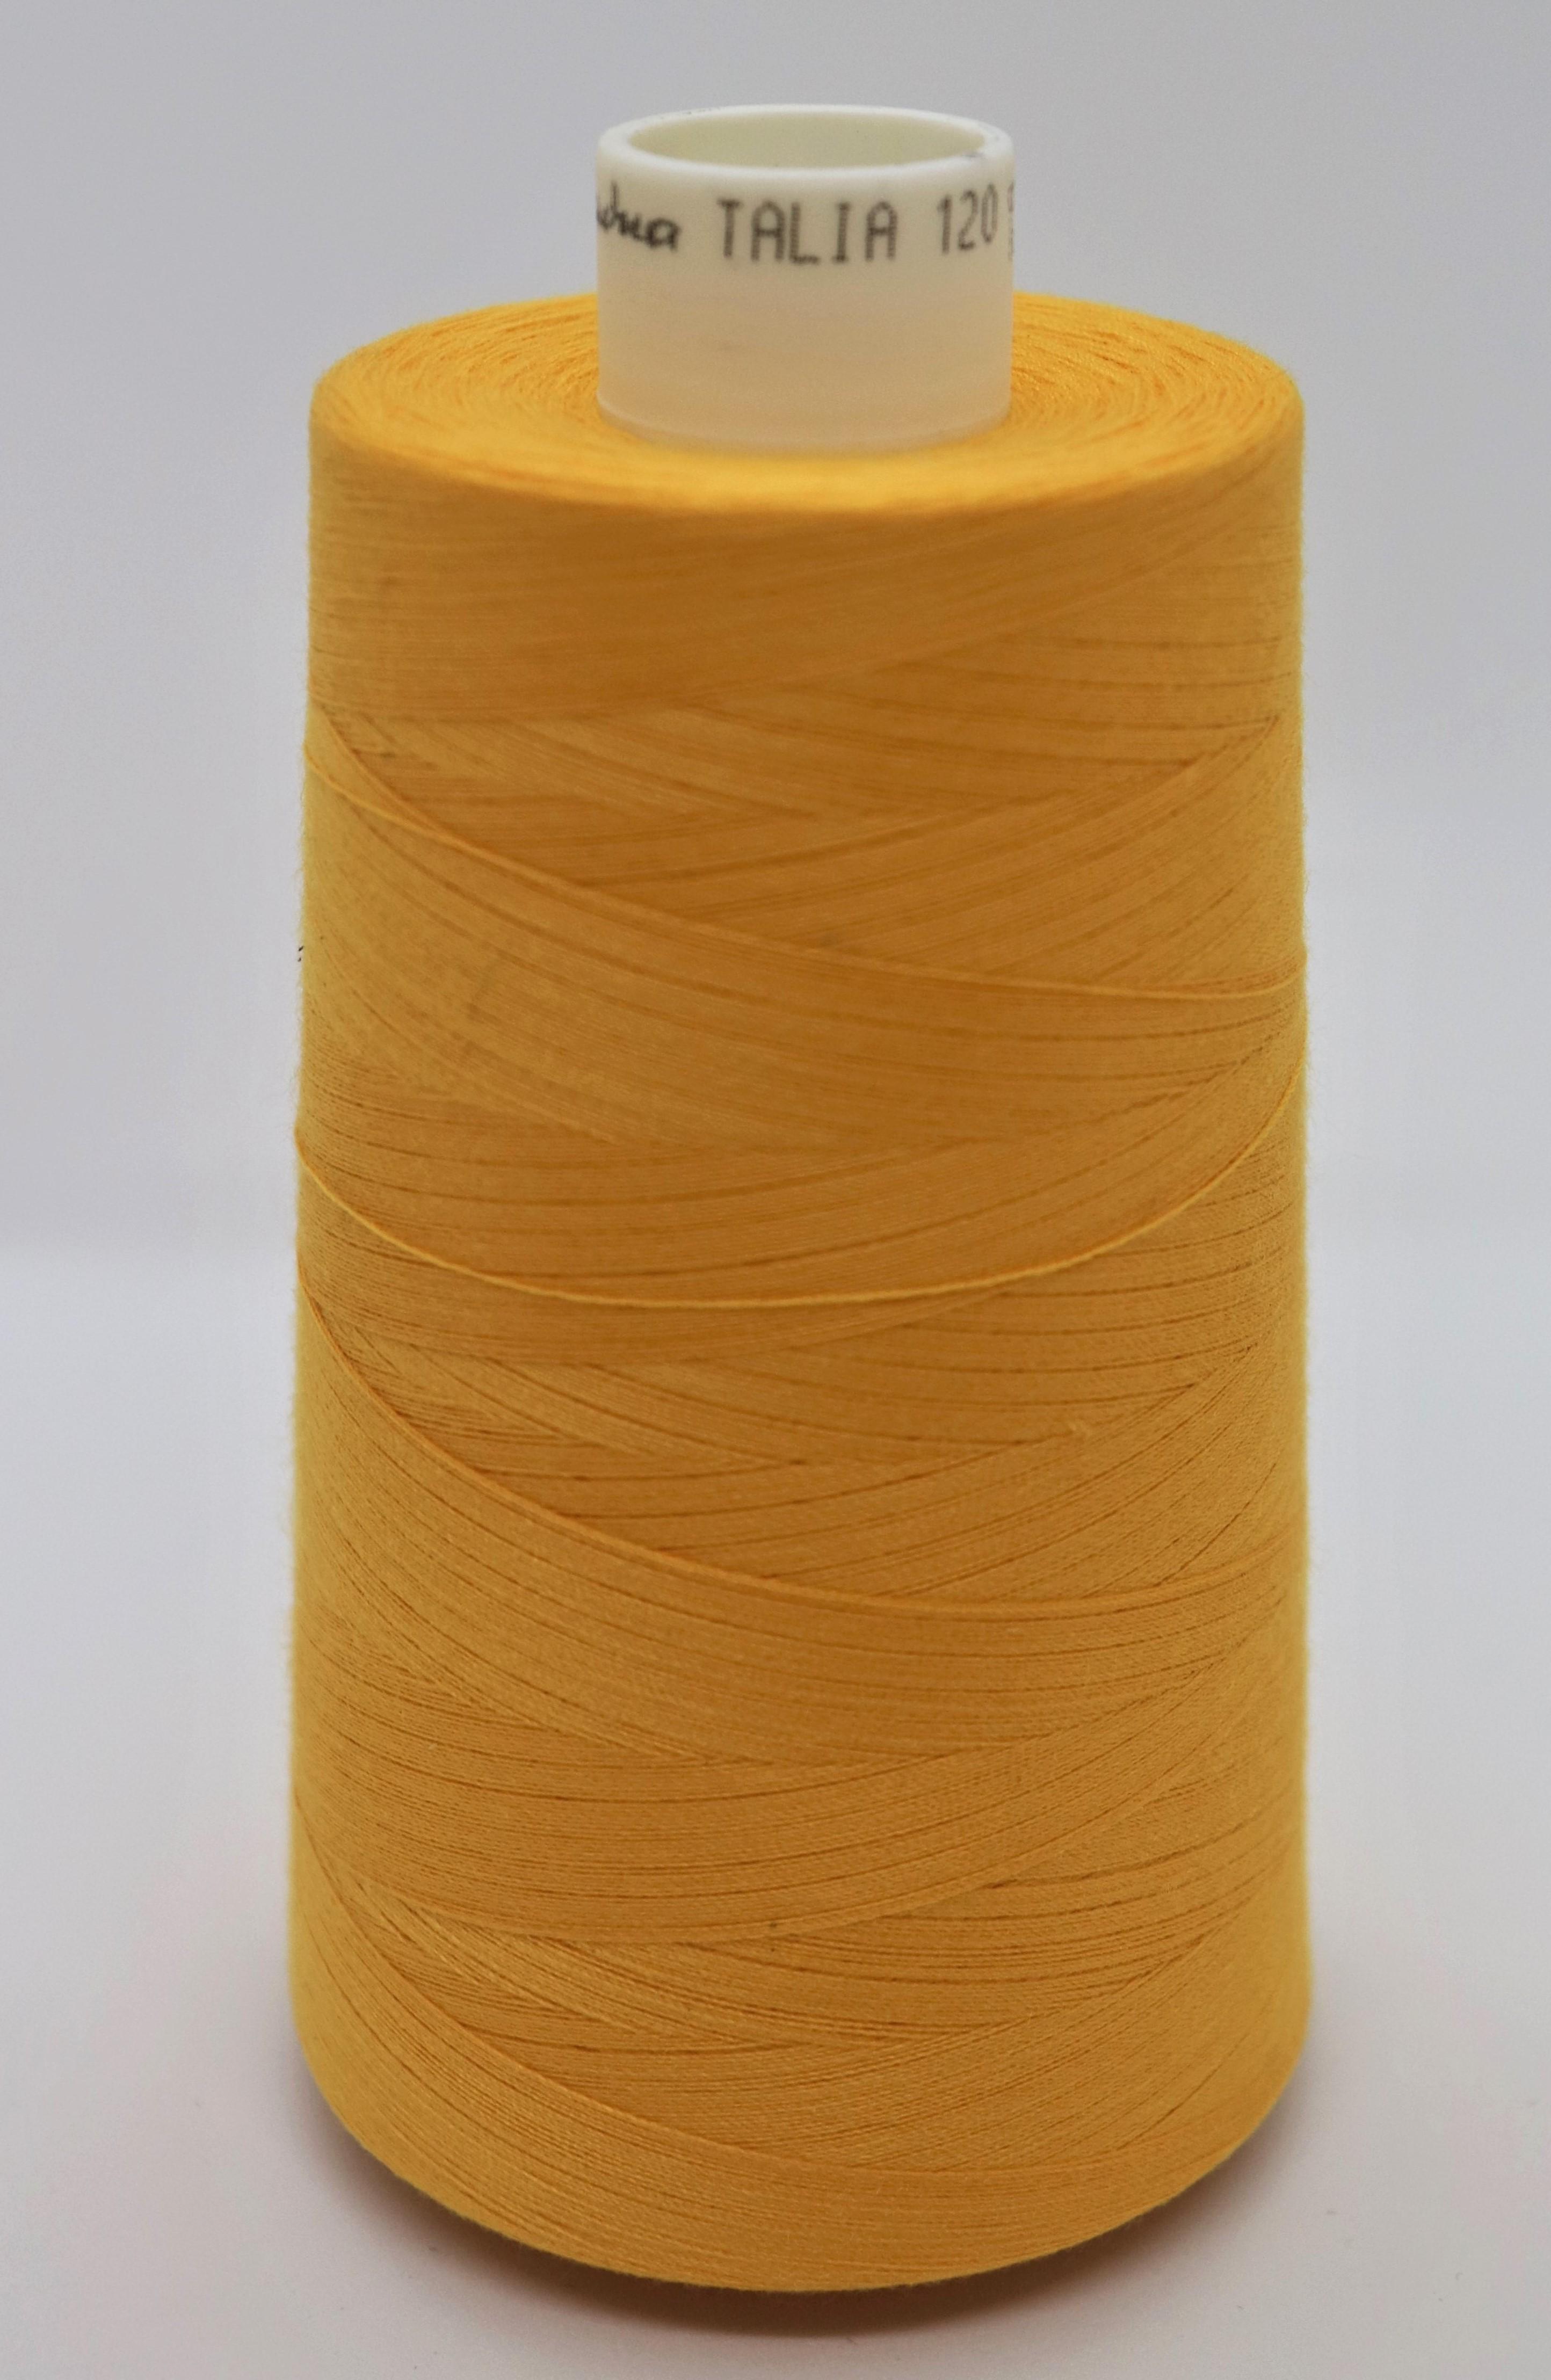 polyesterov� ni� Talia 120 - 5000m �lut� barva 705 - zv�t�it obr�zek